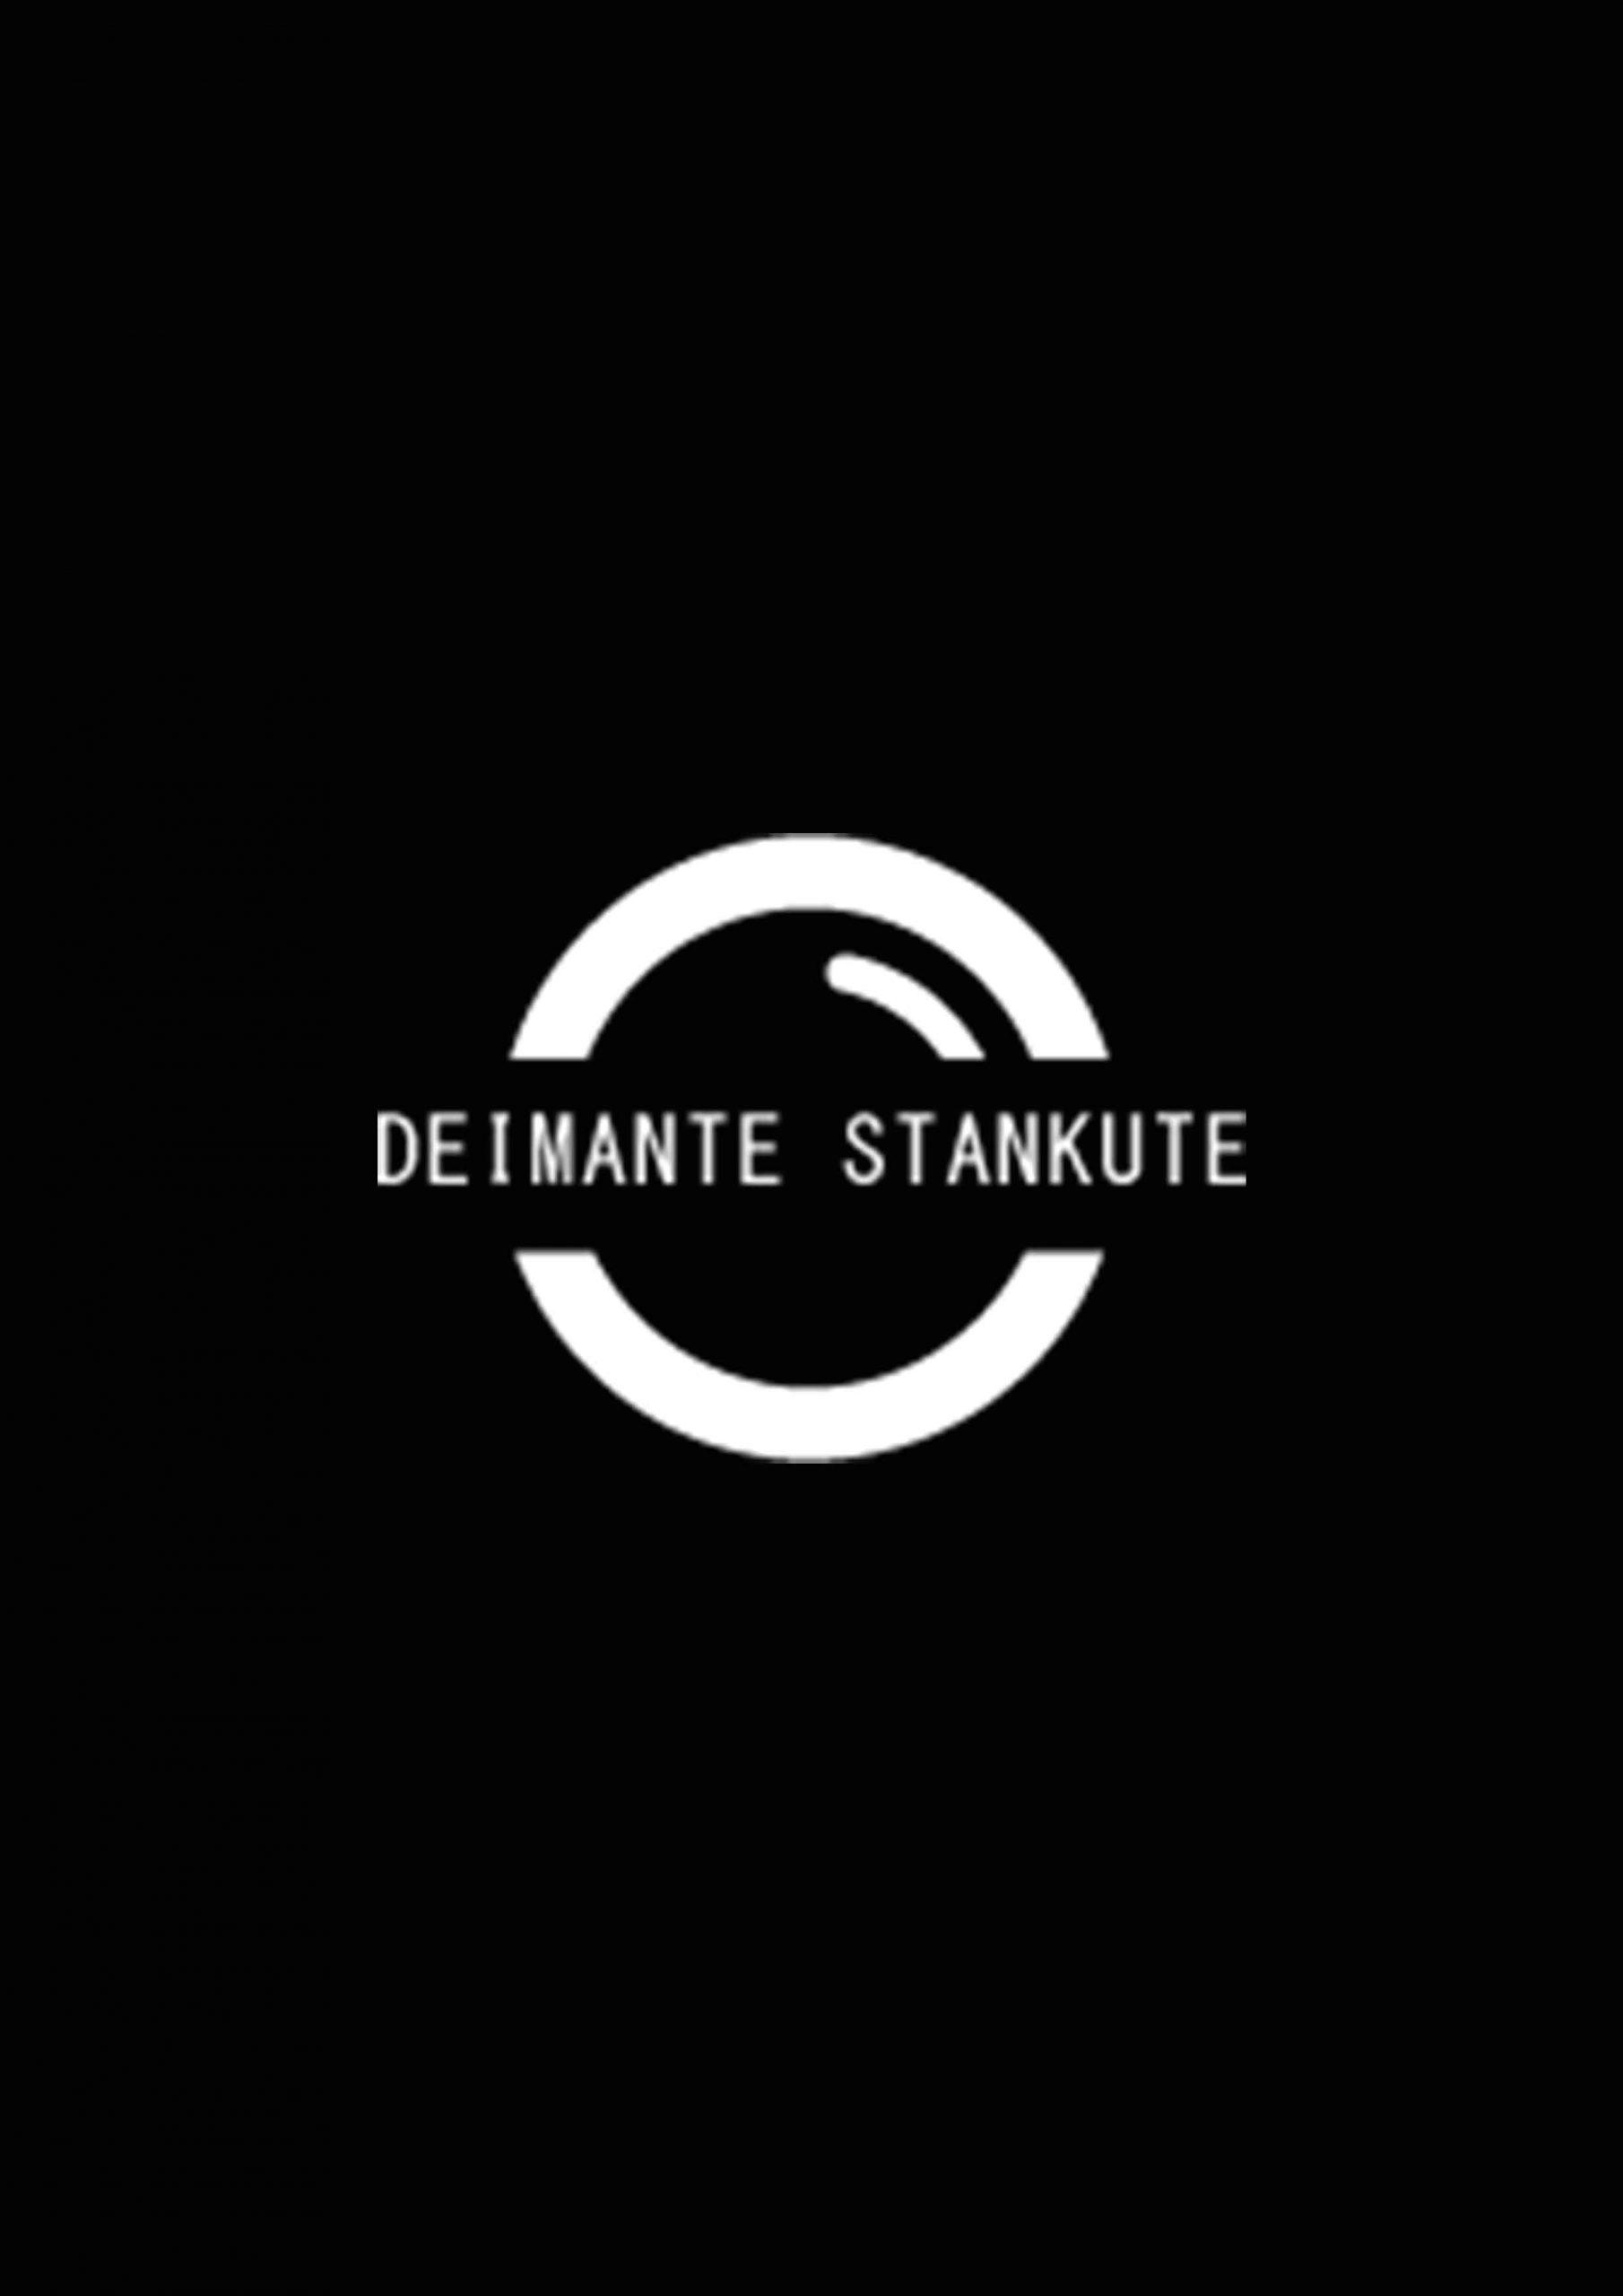 Deimante Stankute